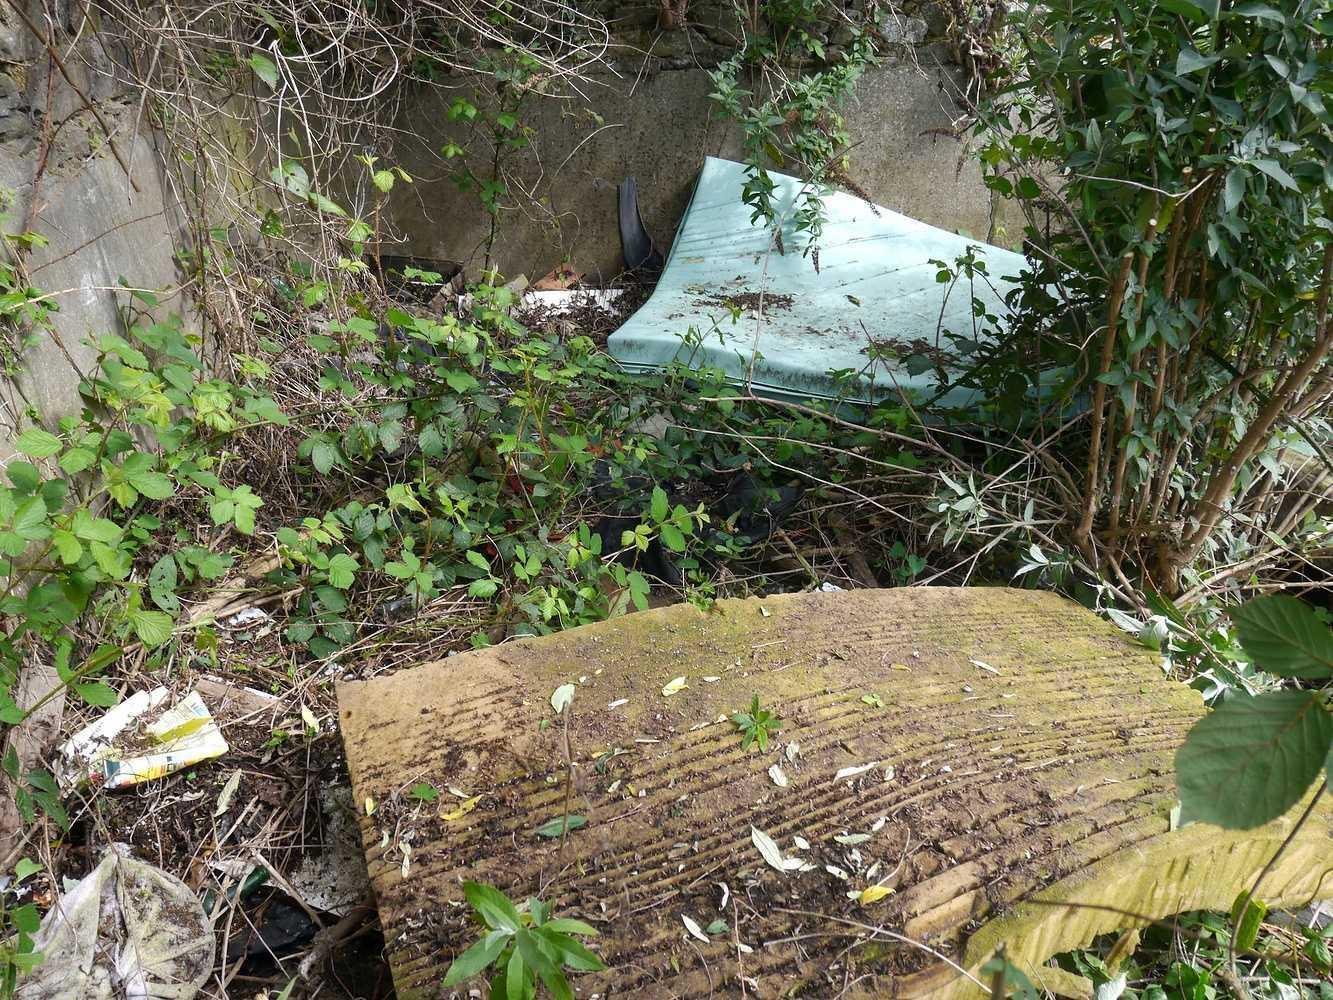 Collecte de déchets dans le quartier p1290027